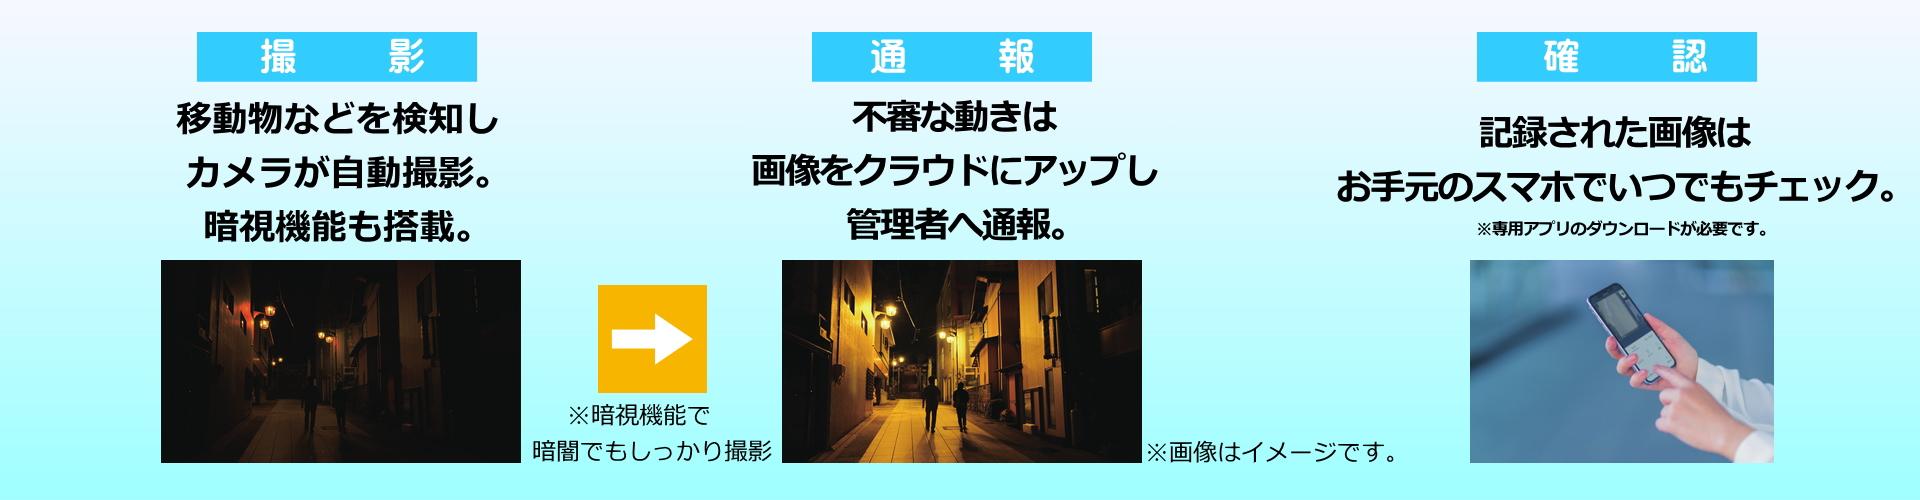 賢いカメラが トラブルや犯罪を検知